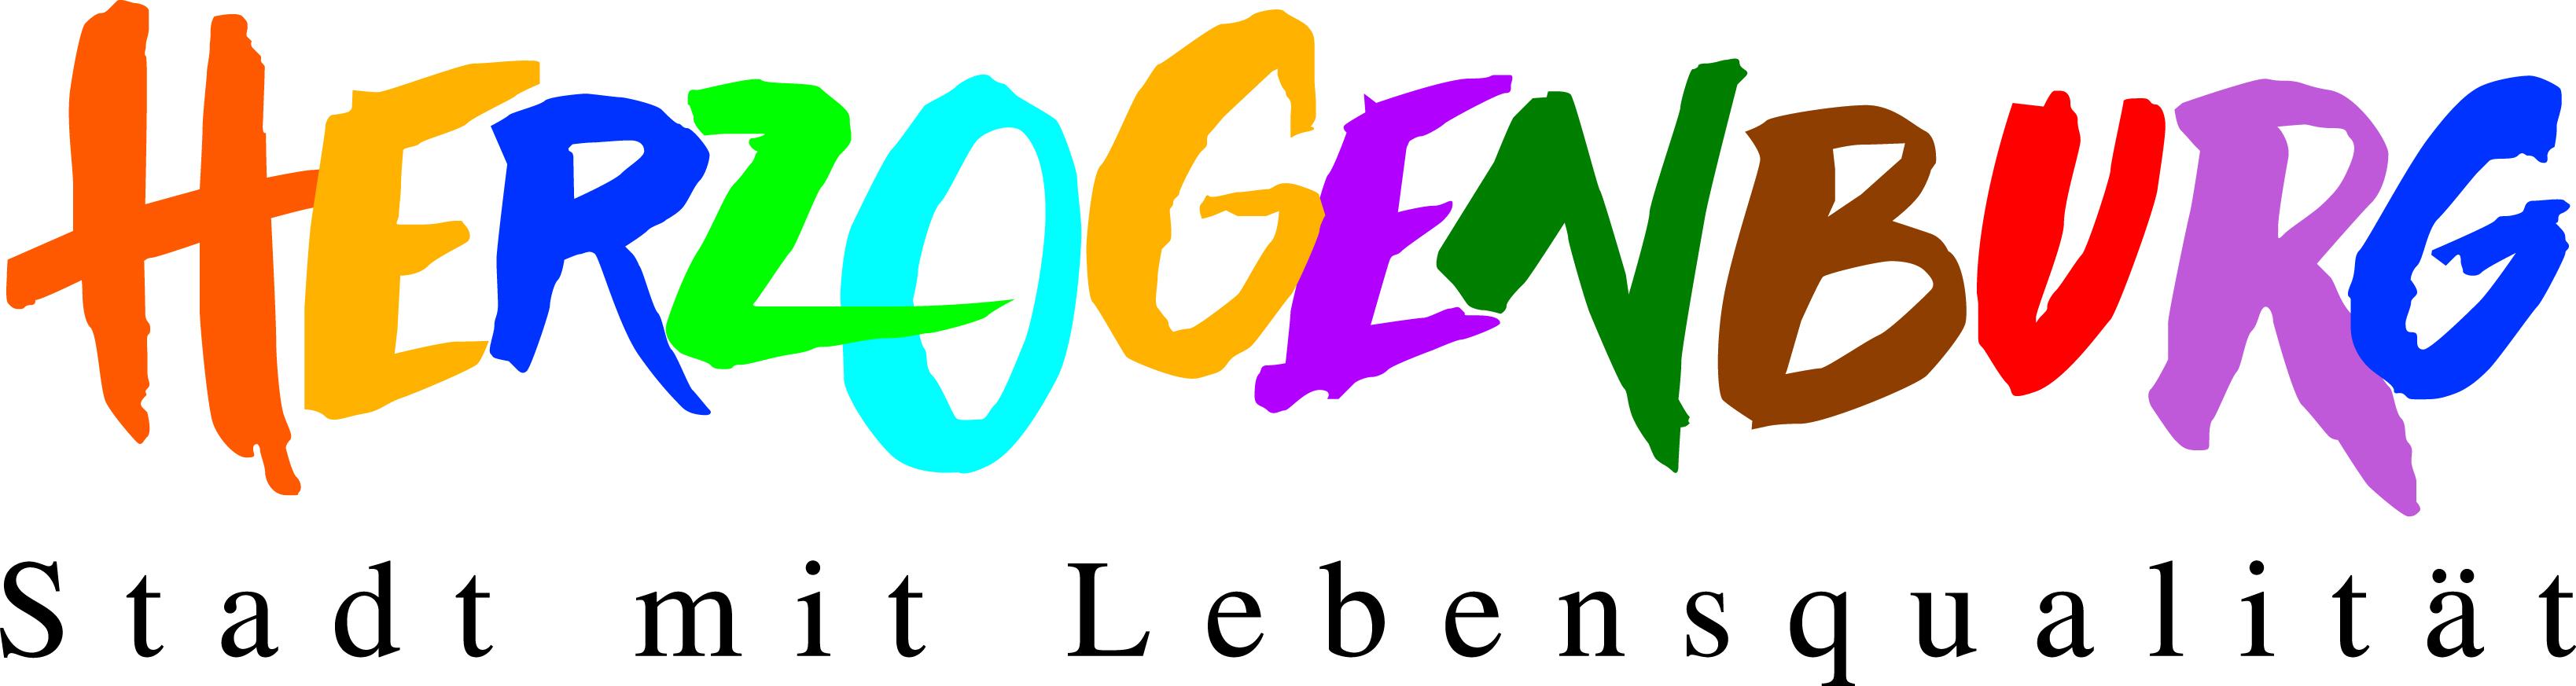 herzogenburg_logo.jpg